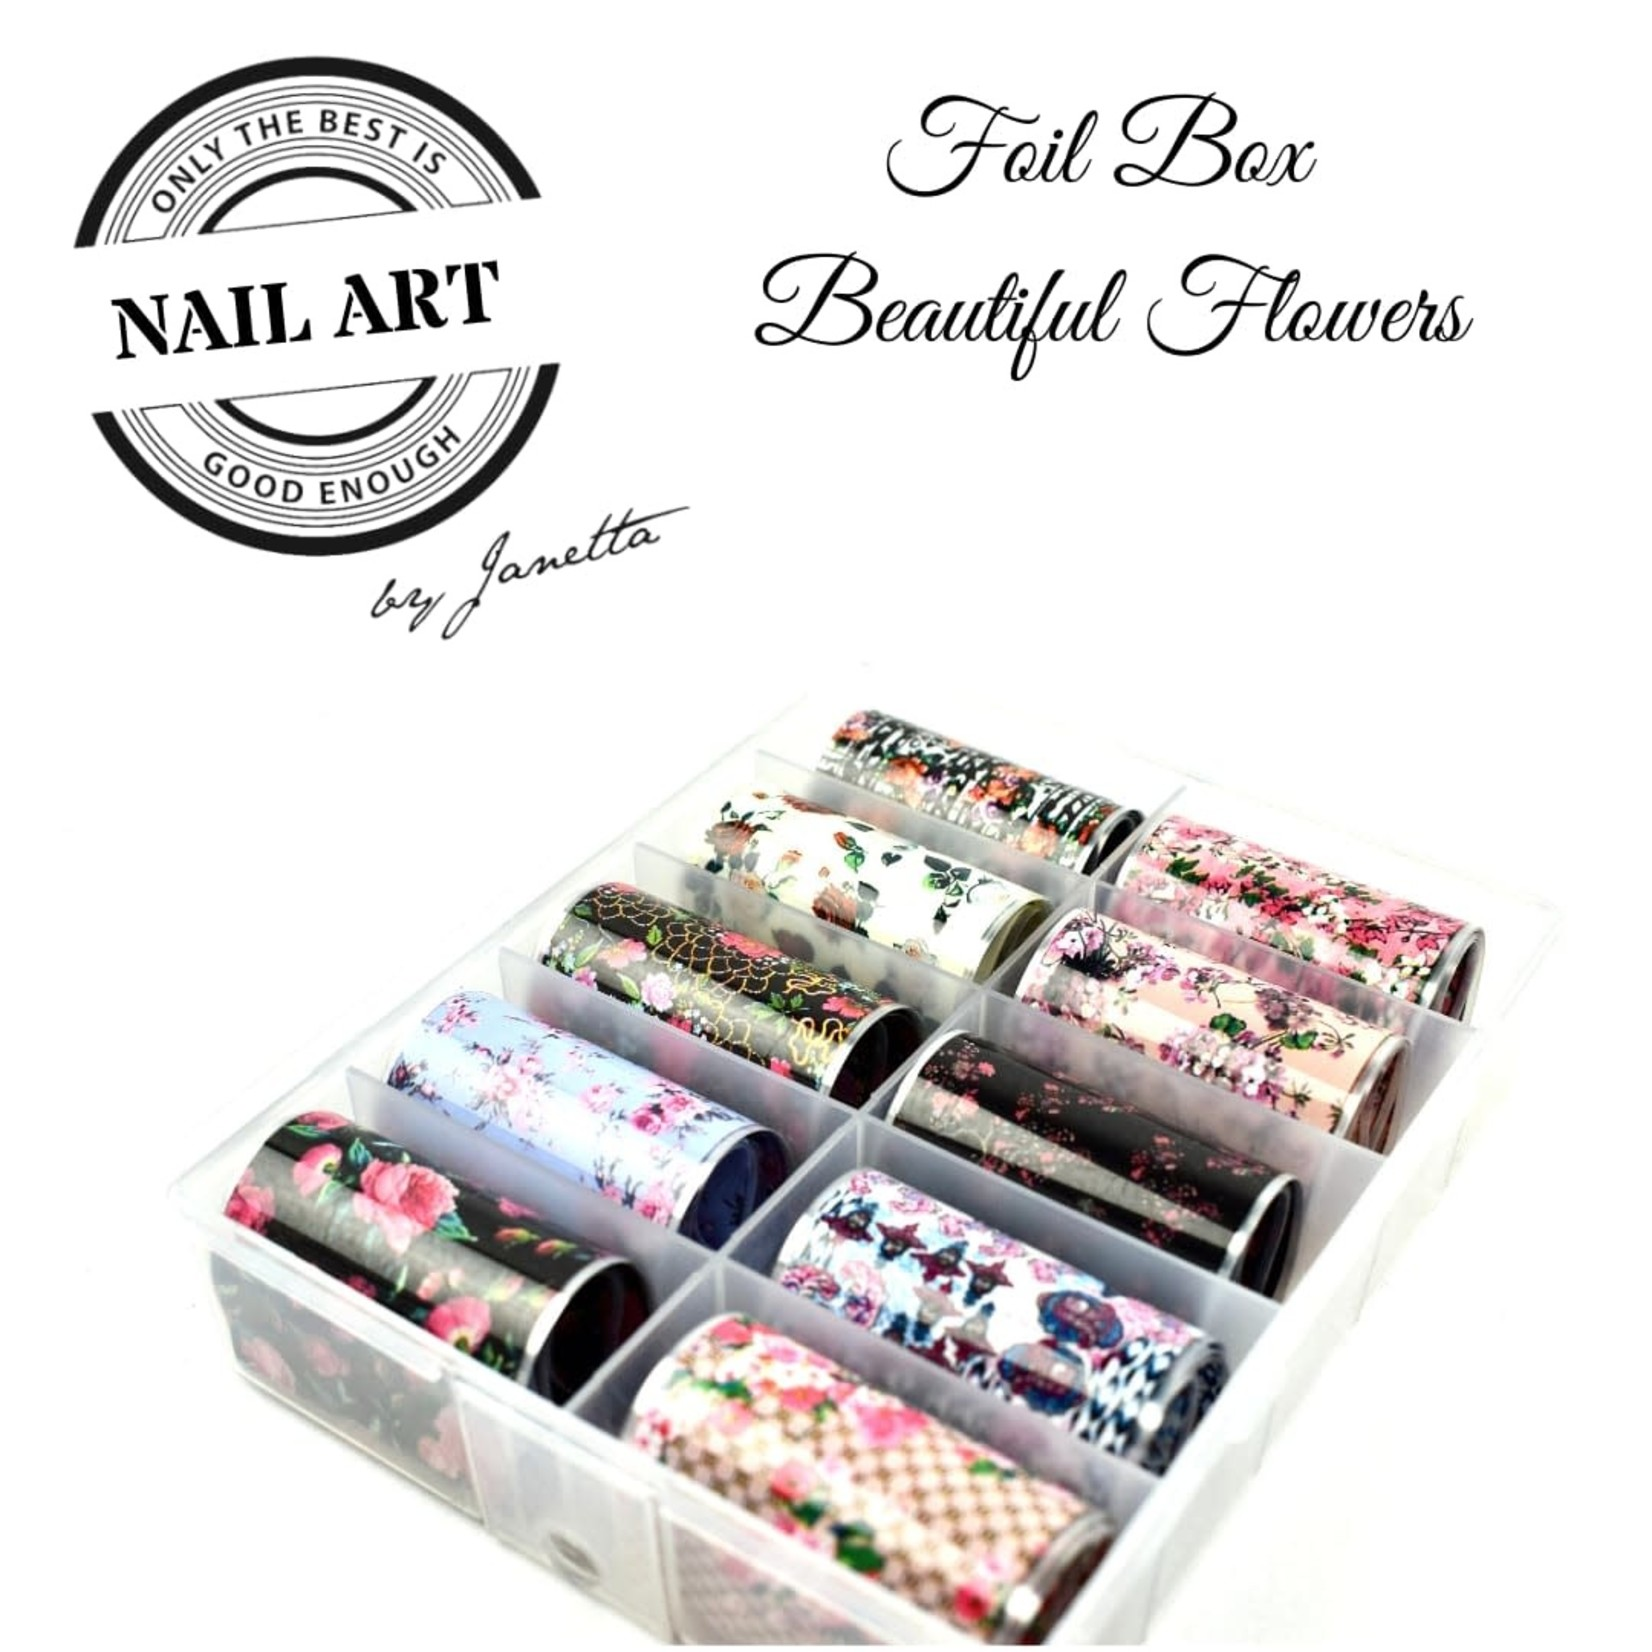 Urban Nails Foil Box Beautiful Flowers